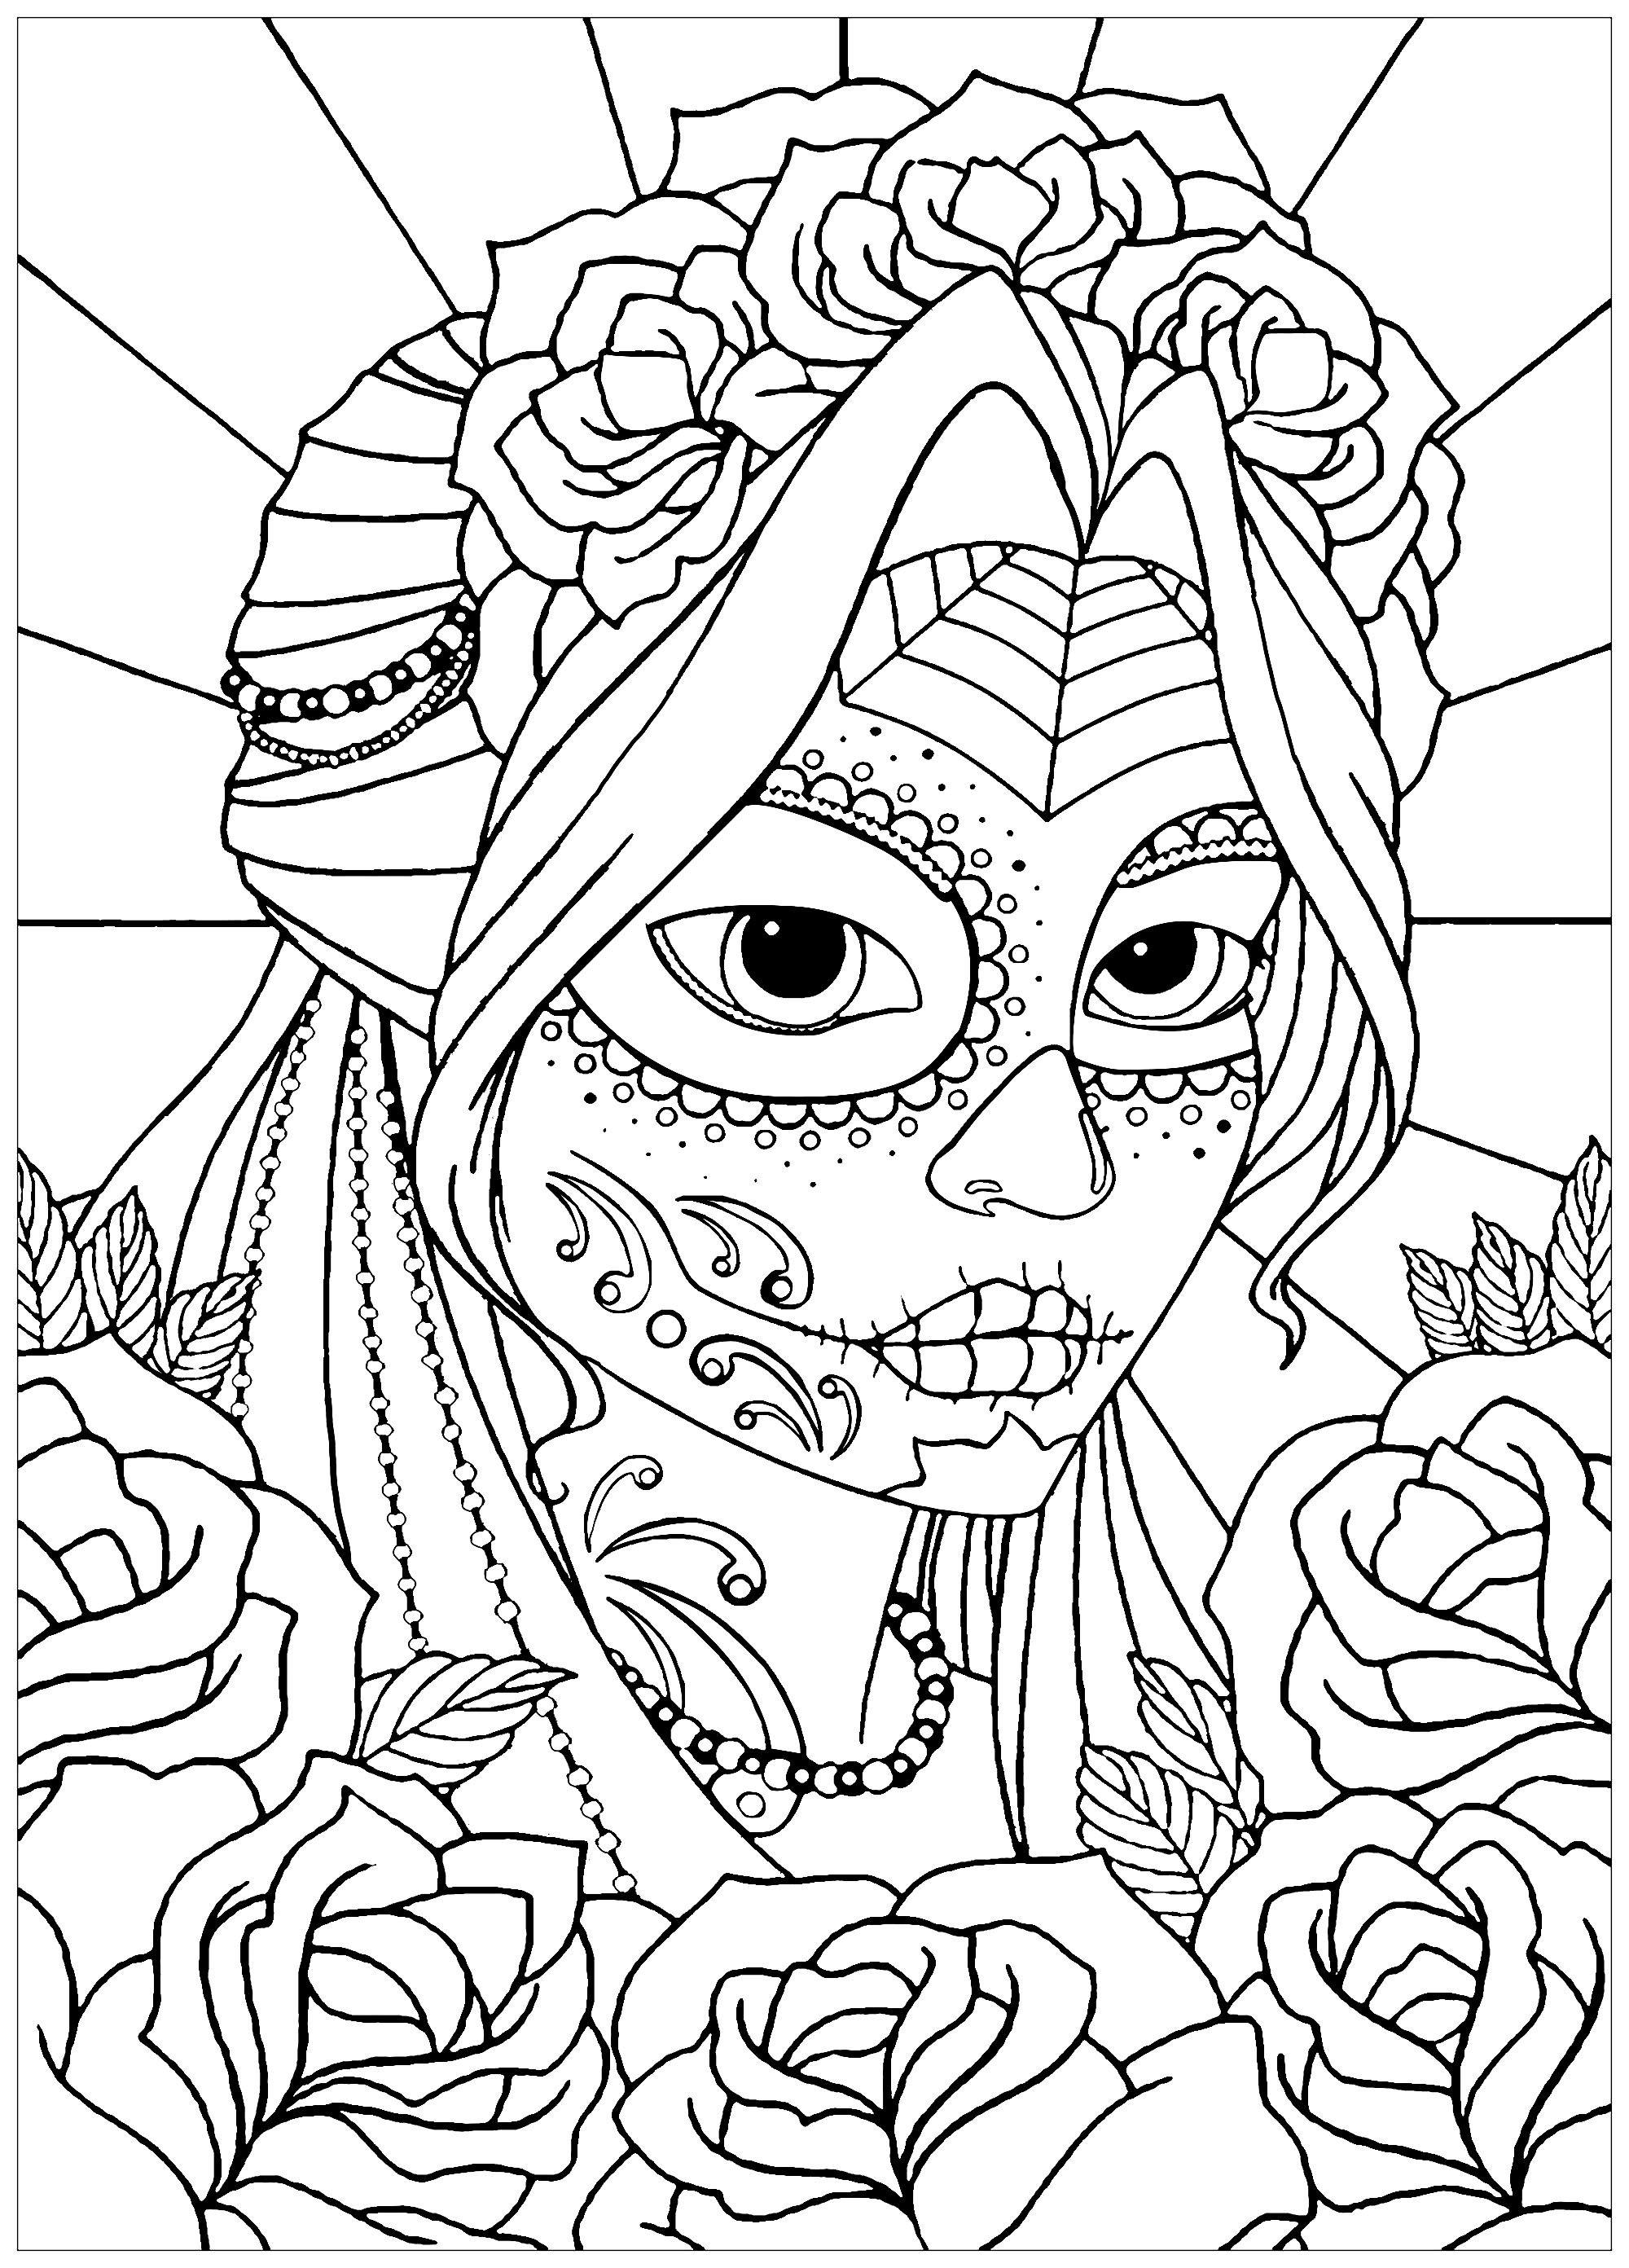 - Woman El Dia De Los Muertos - El Día De Los Muertos Coloring Pages